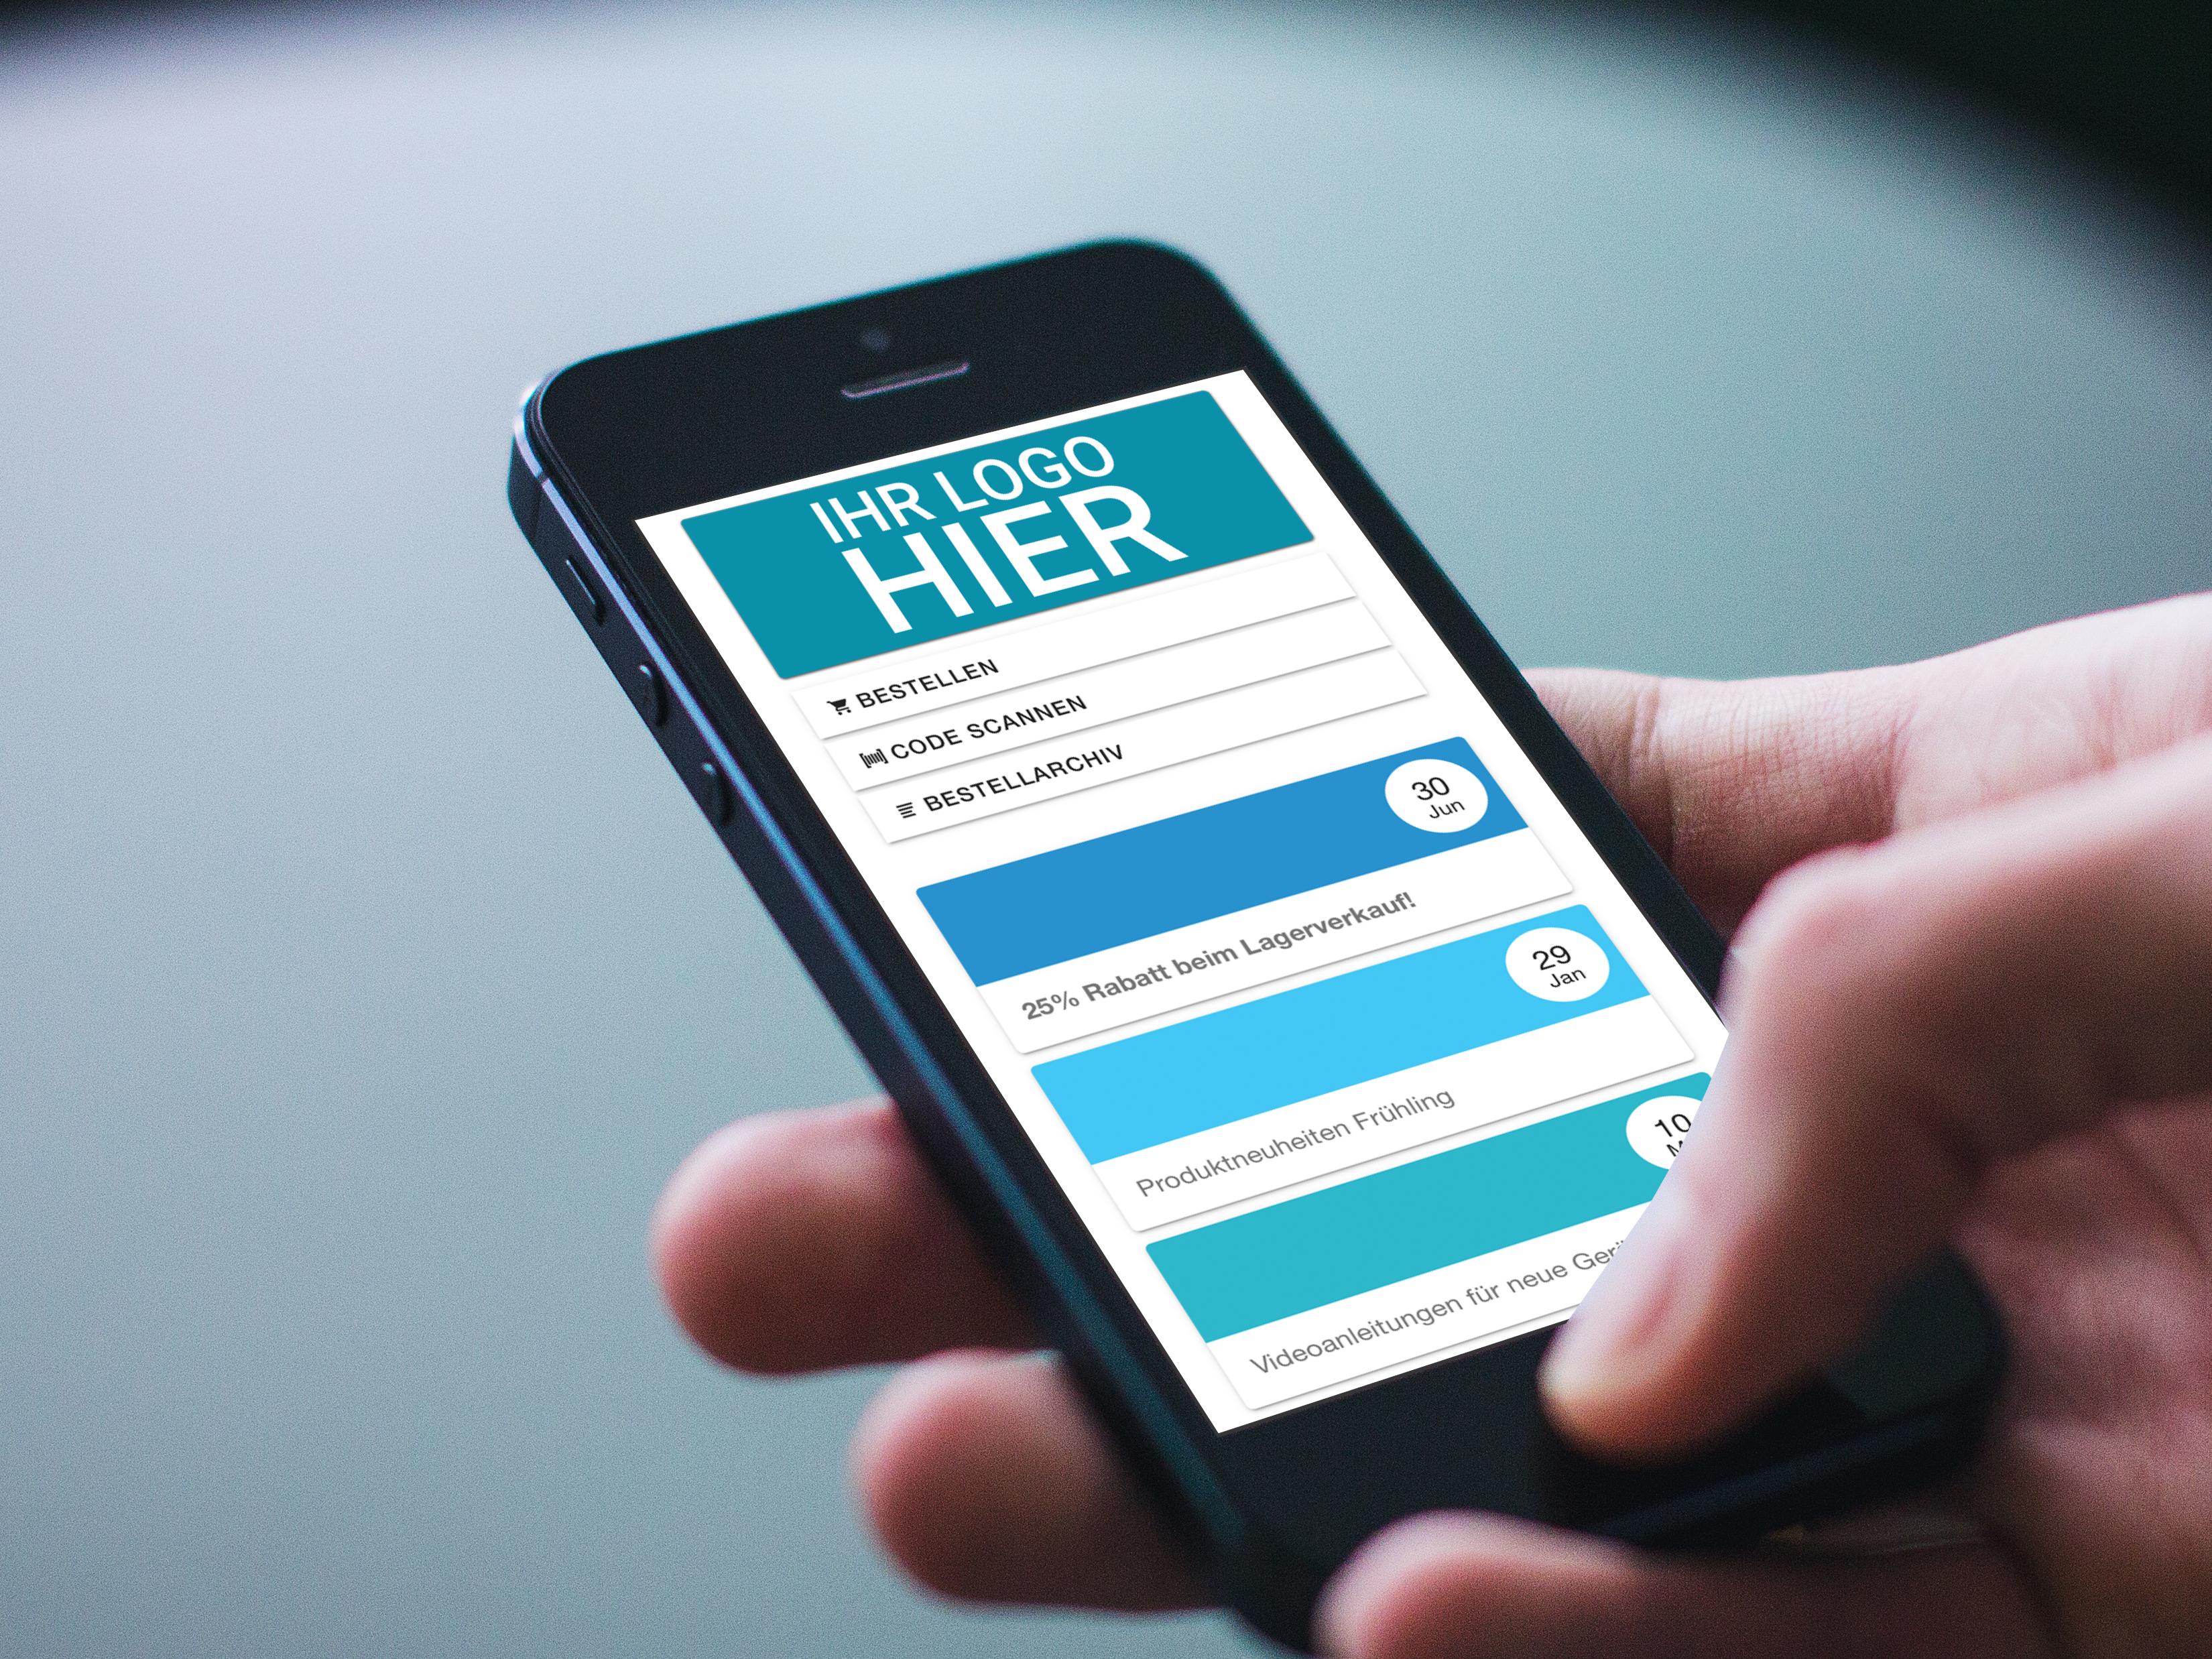 Ihre-eigene-ordermanager-Bestell-App